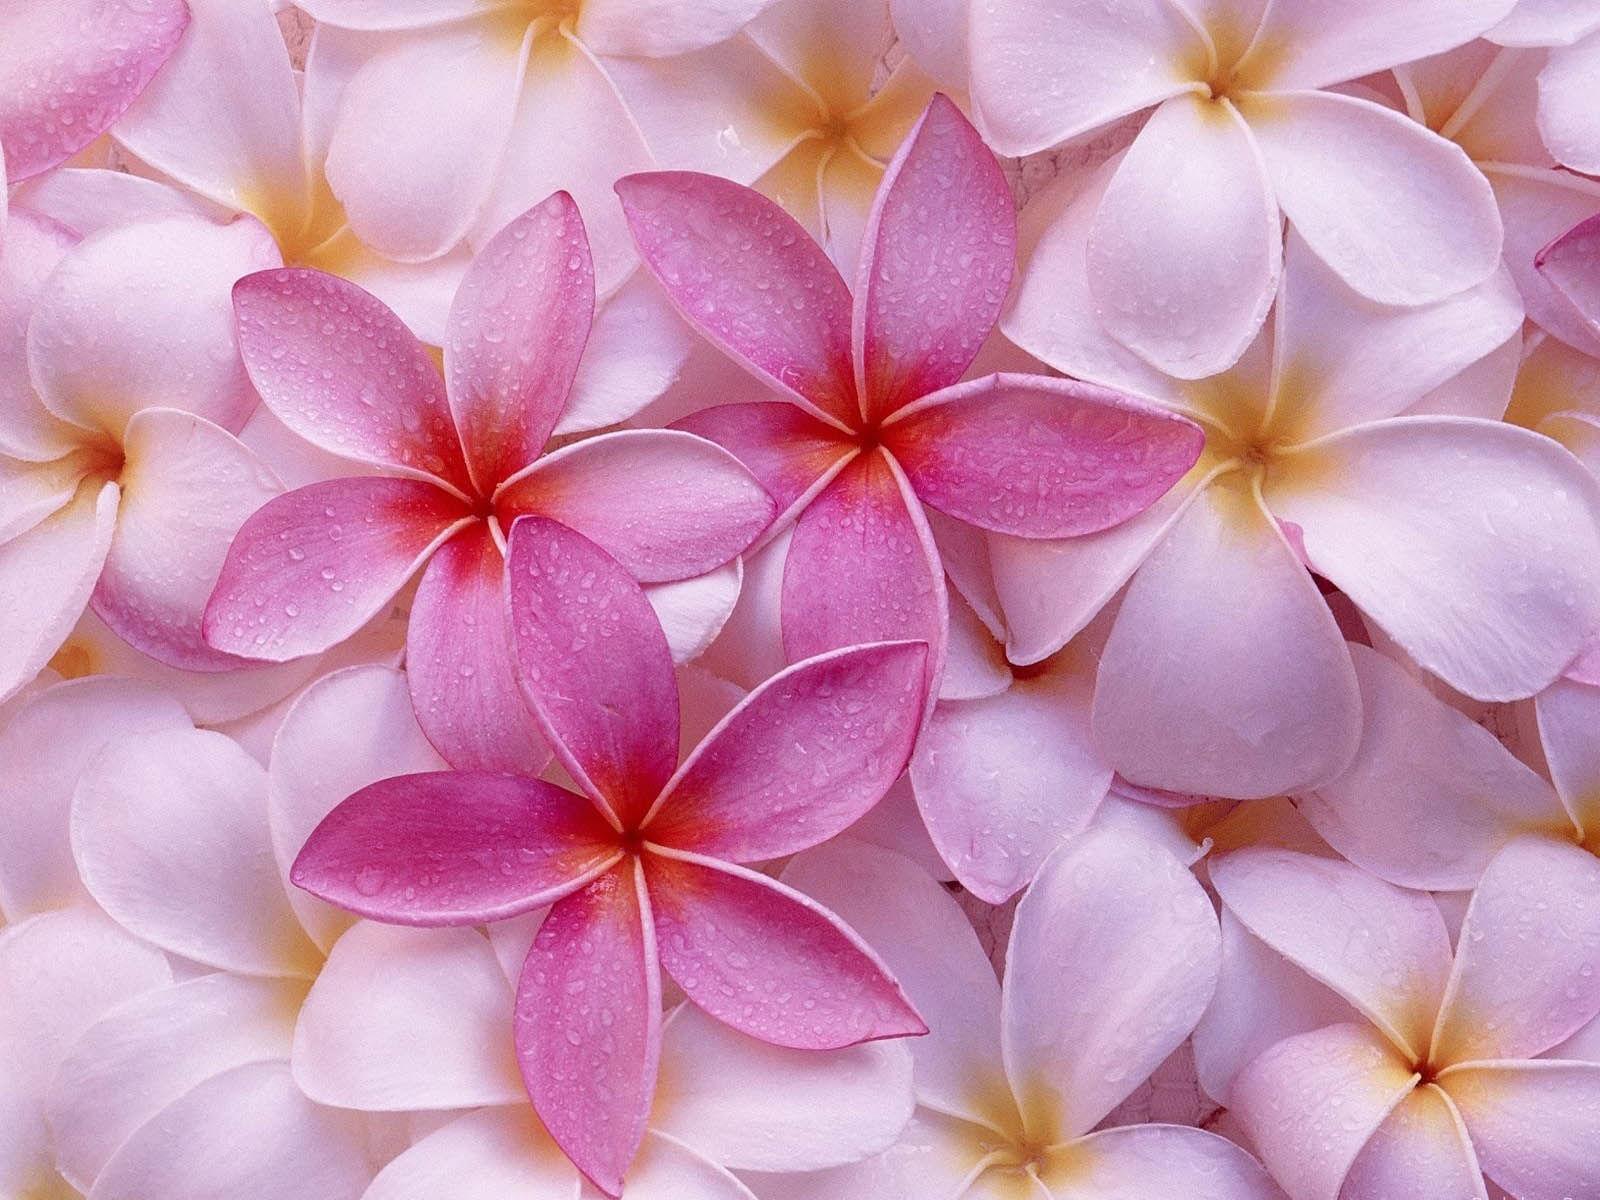 wallpaper fond ecran fleurs